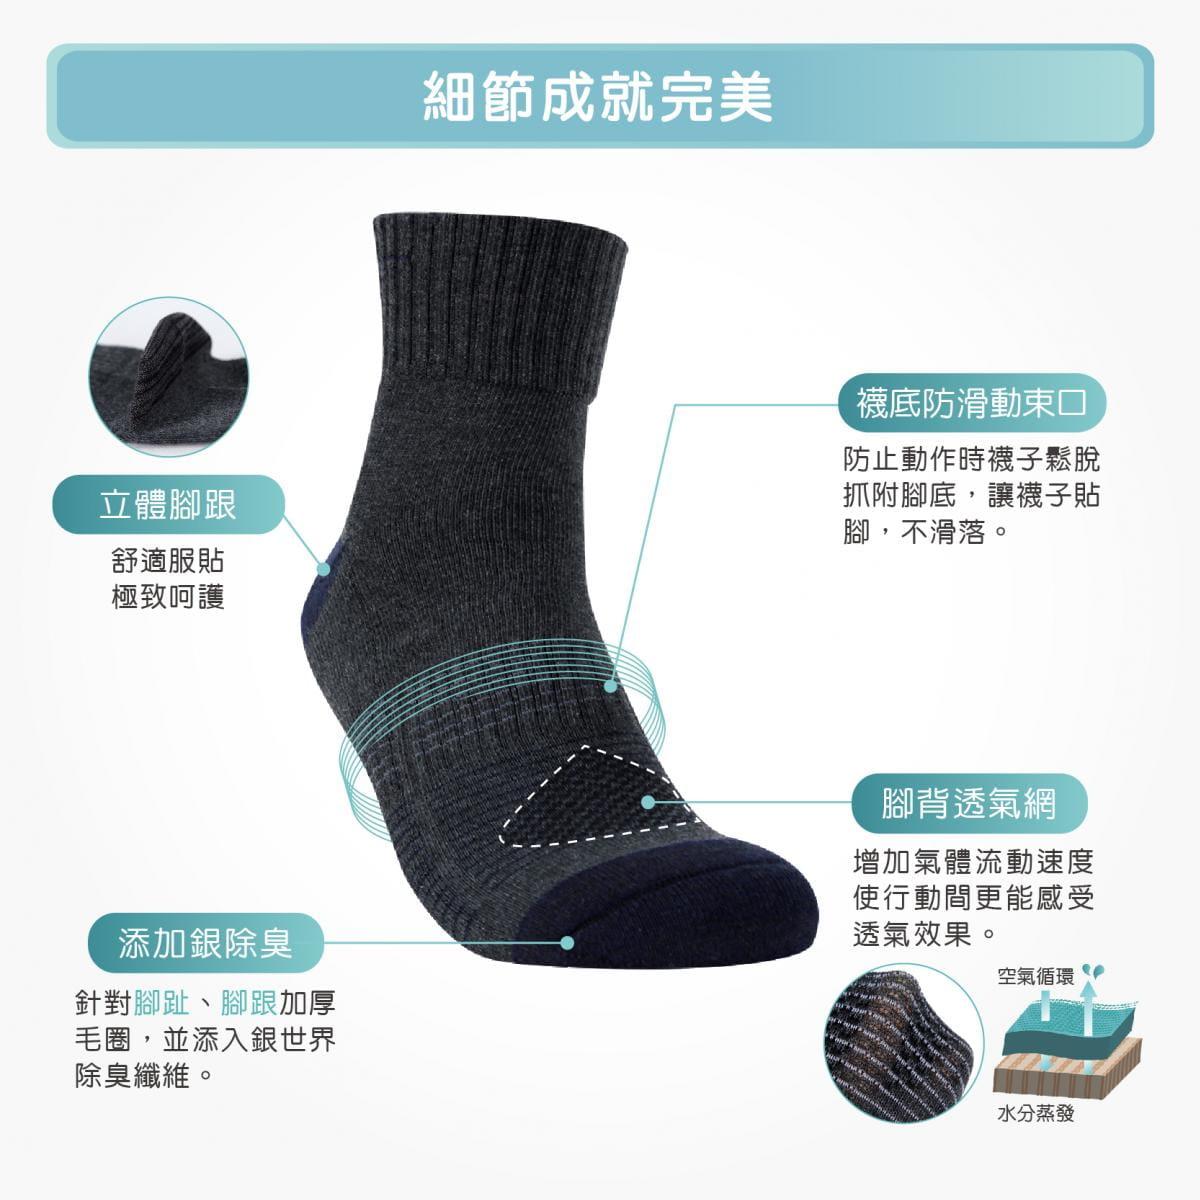 【FAV】除臭運動襪 1